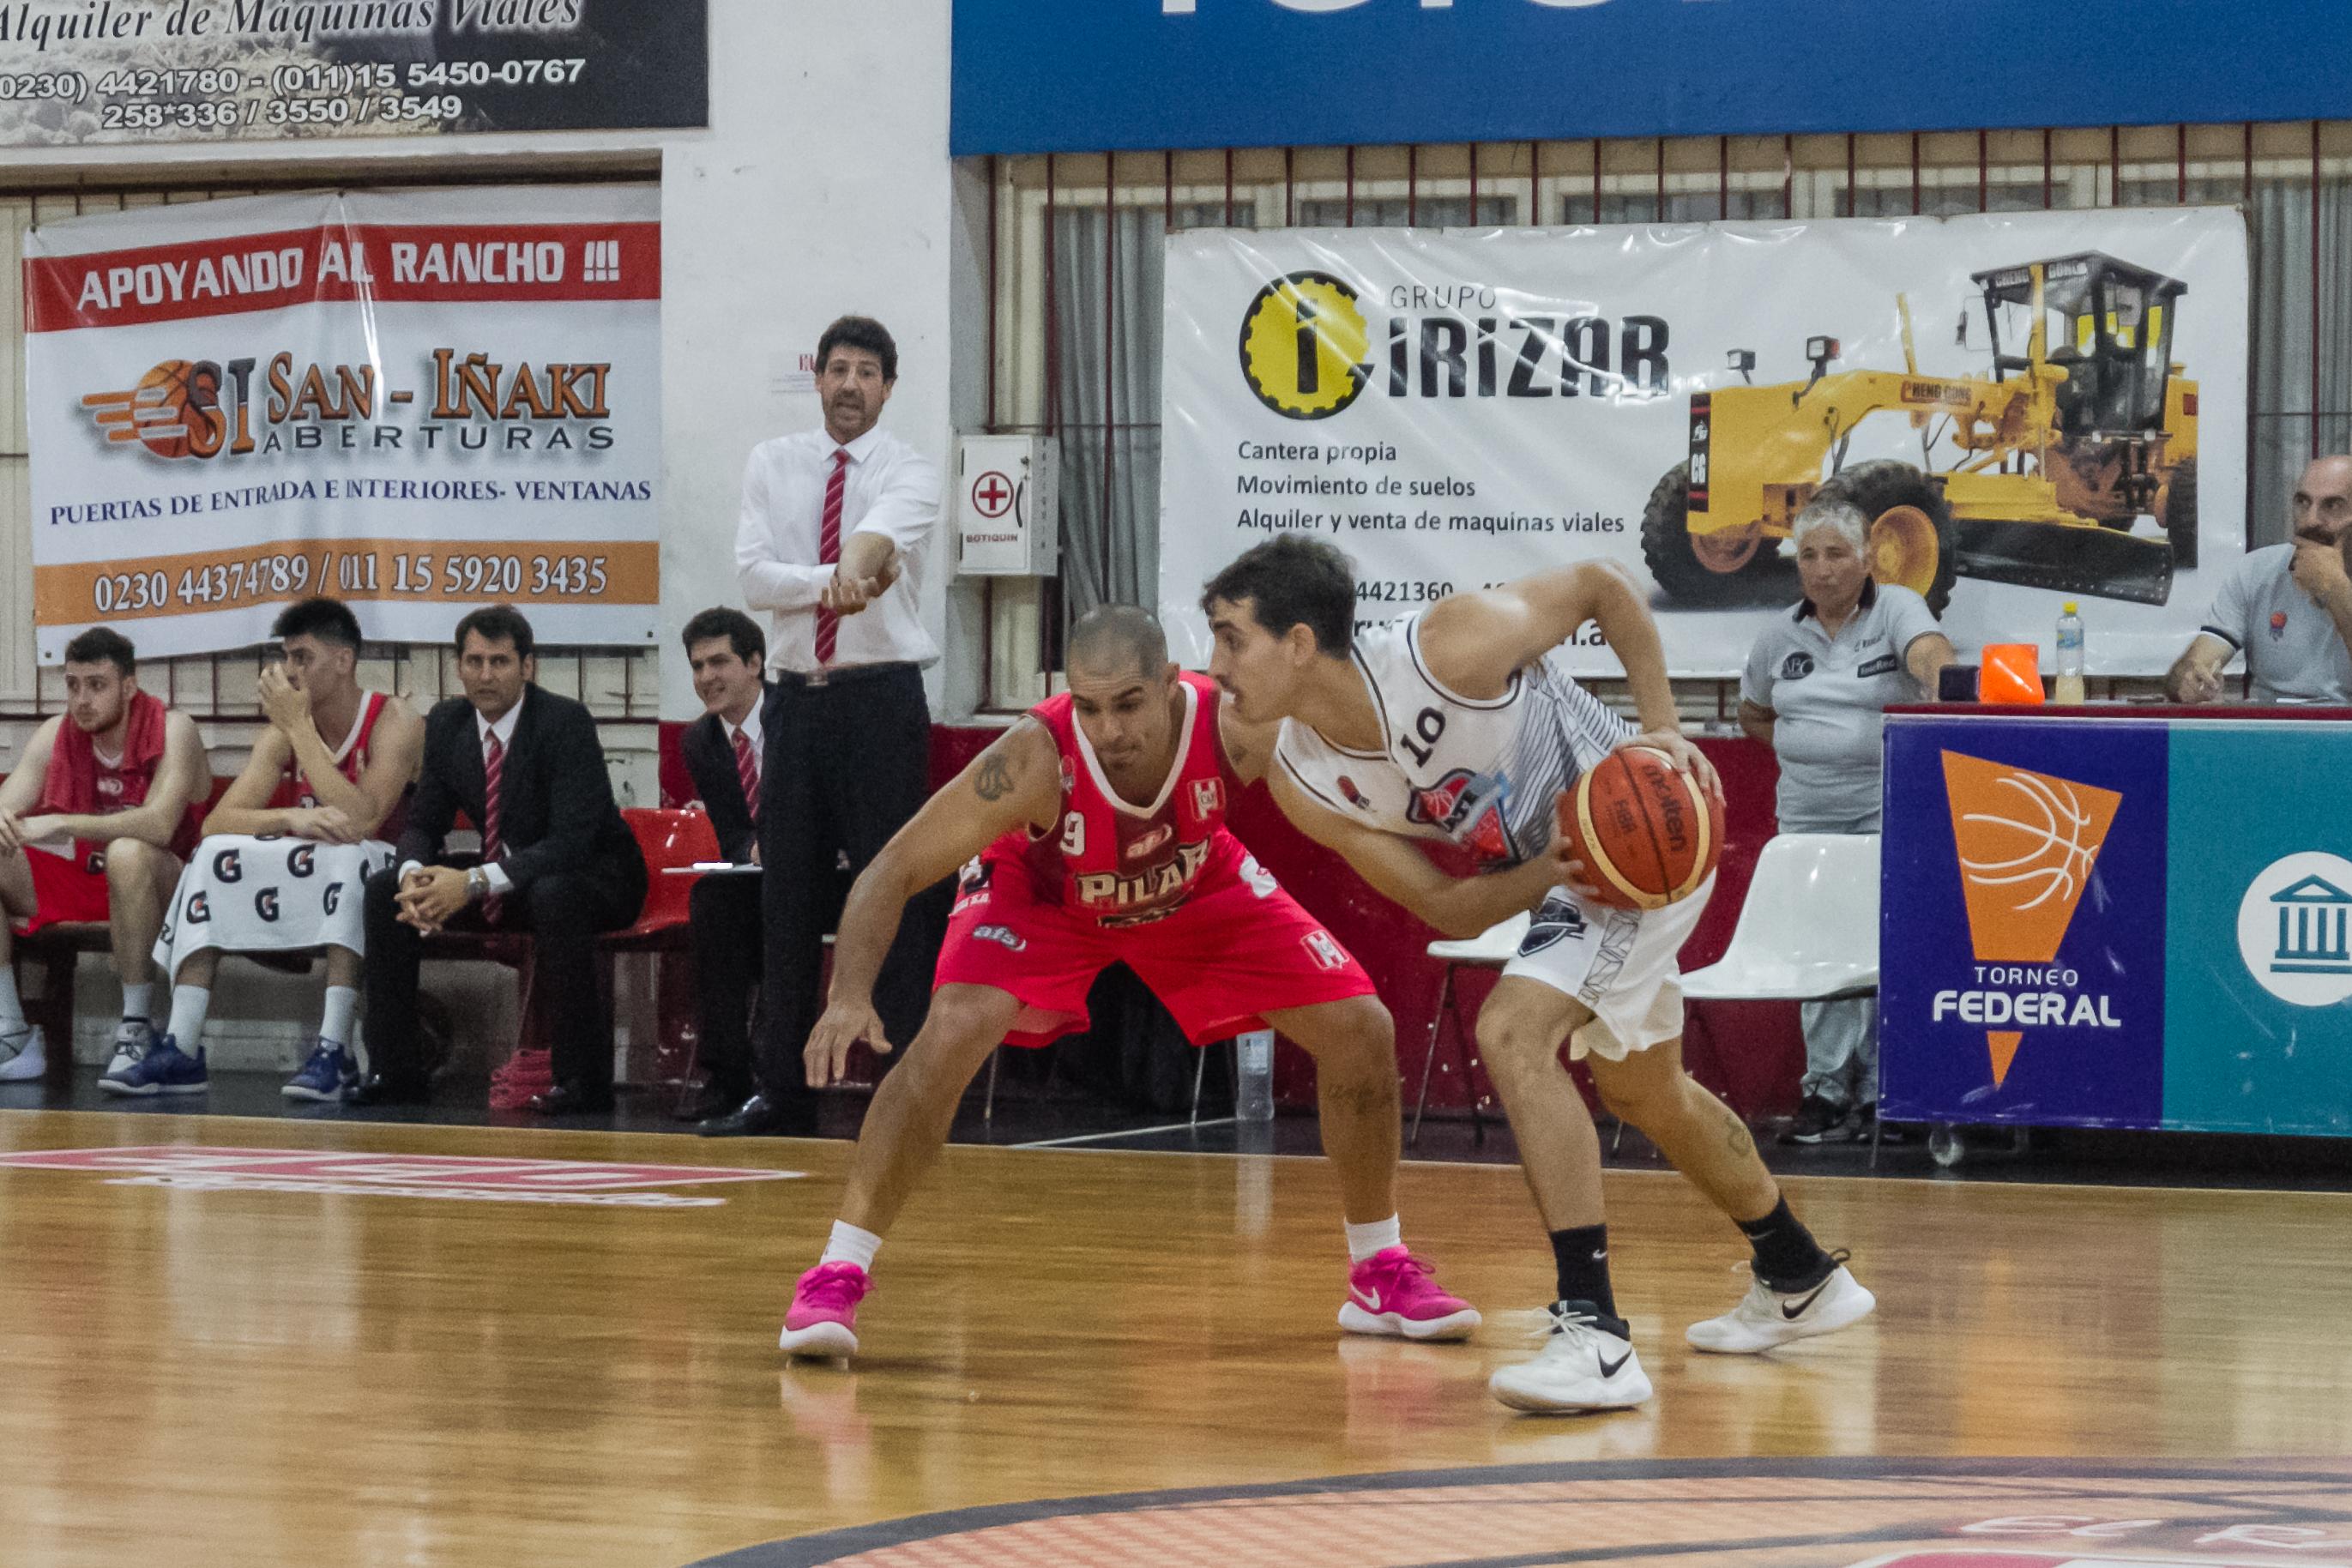 Zárate Basket pisó fuerte en Pilar